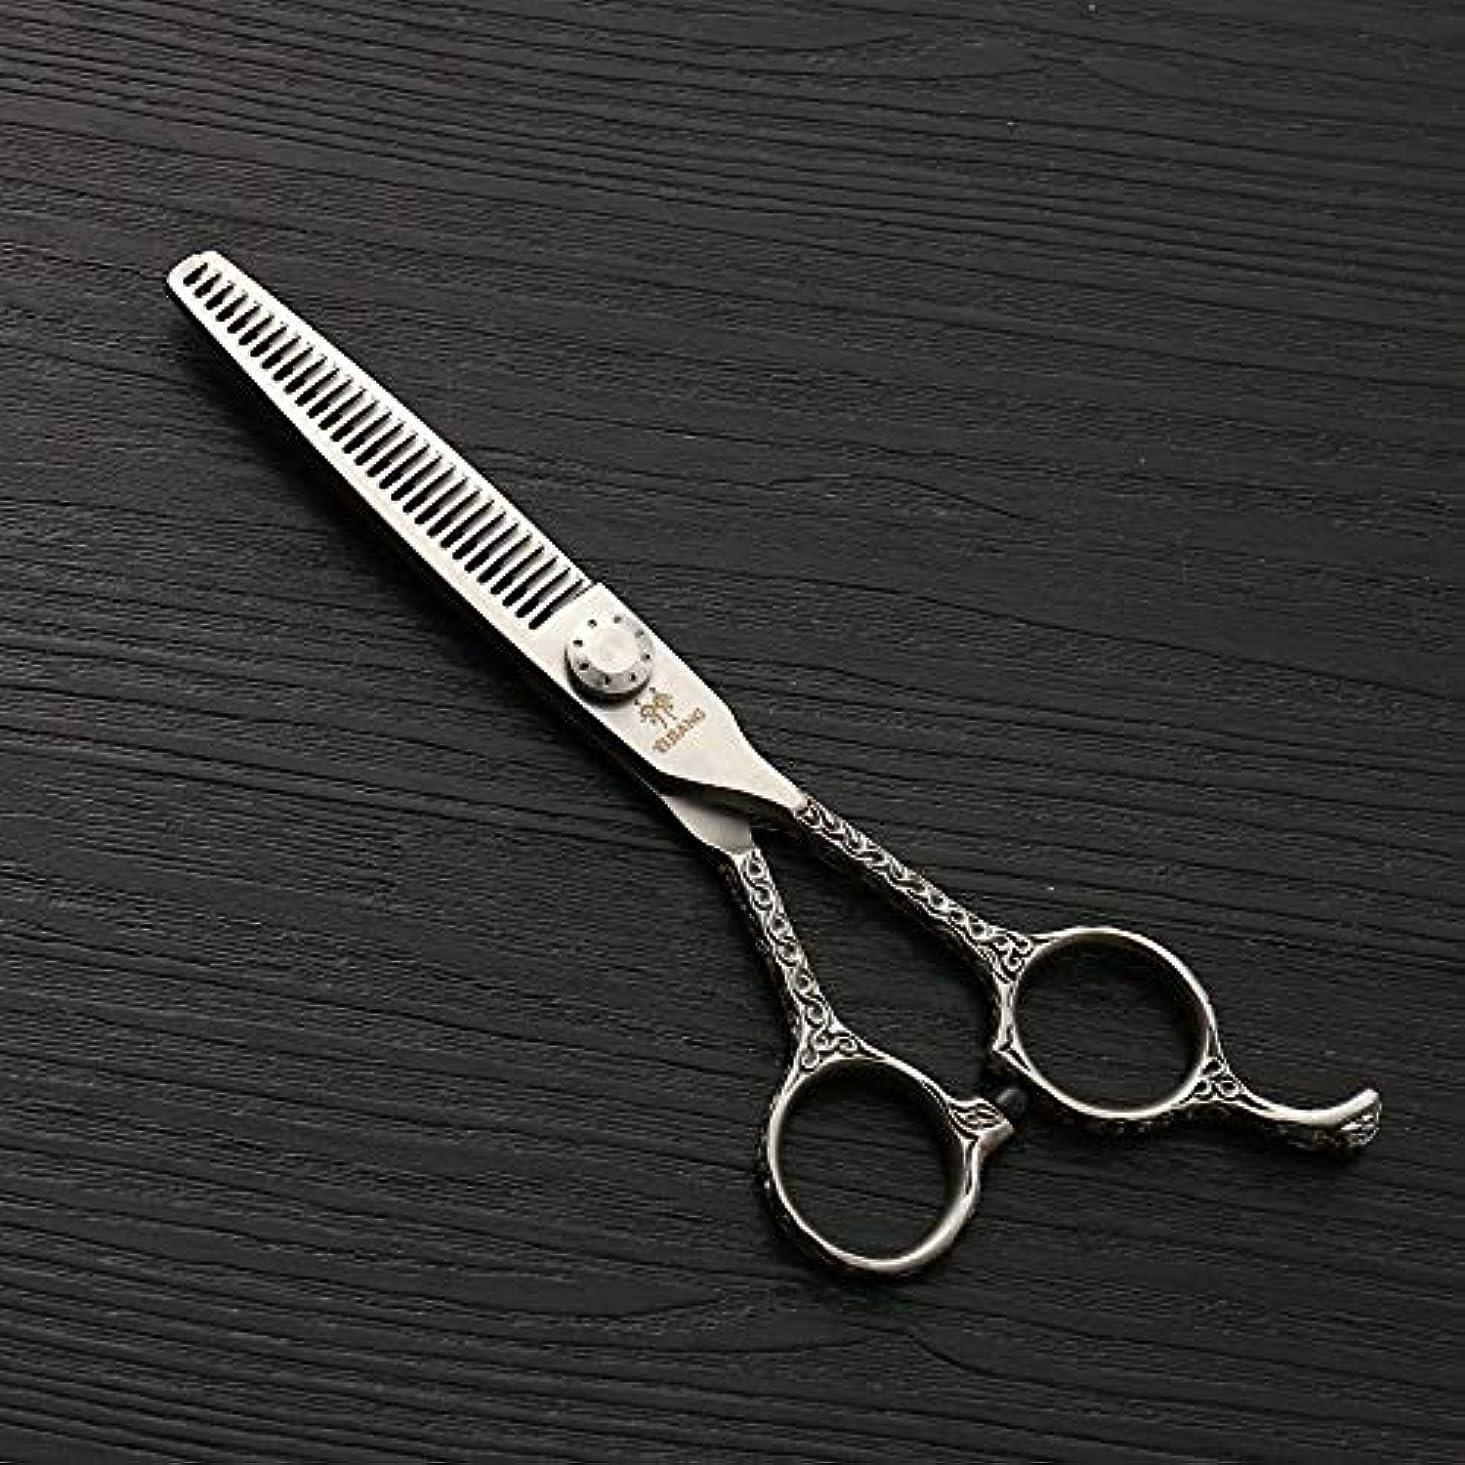 なに枠算術6インチの美容院の専門のヘアカットScissors440Cのステンレス鋼 ヘアケア (色 : Silver)